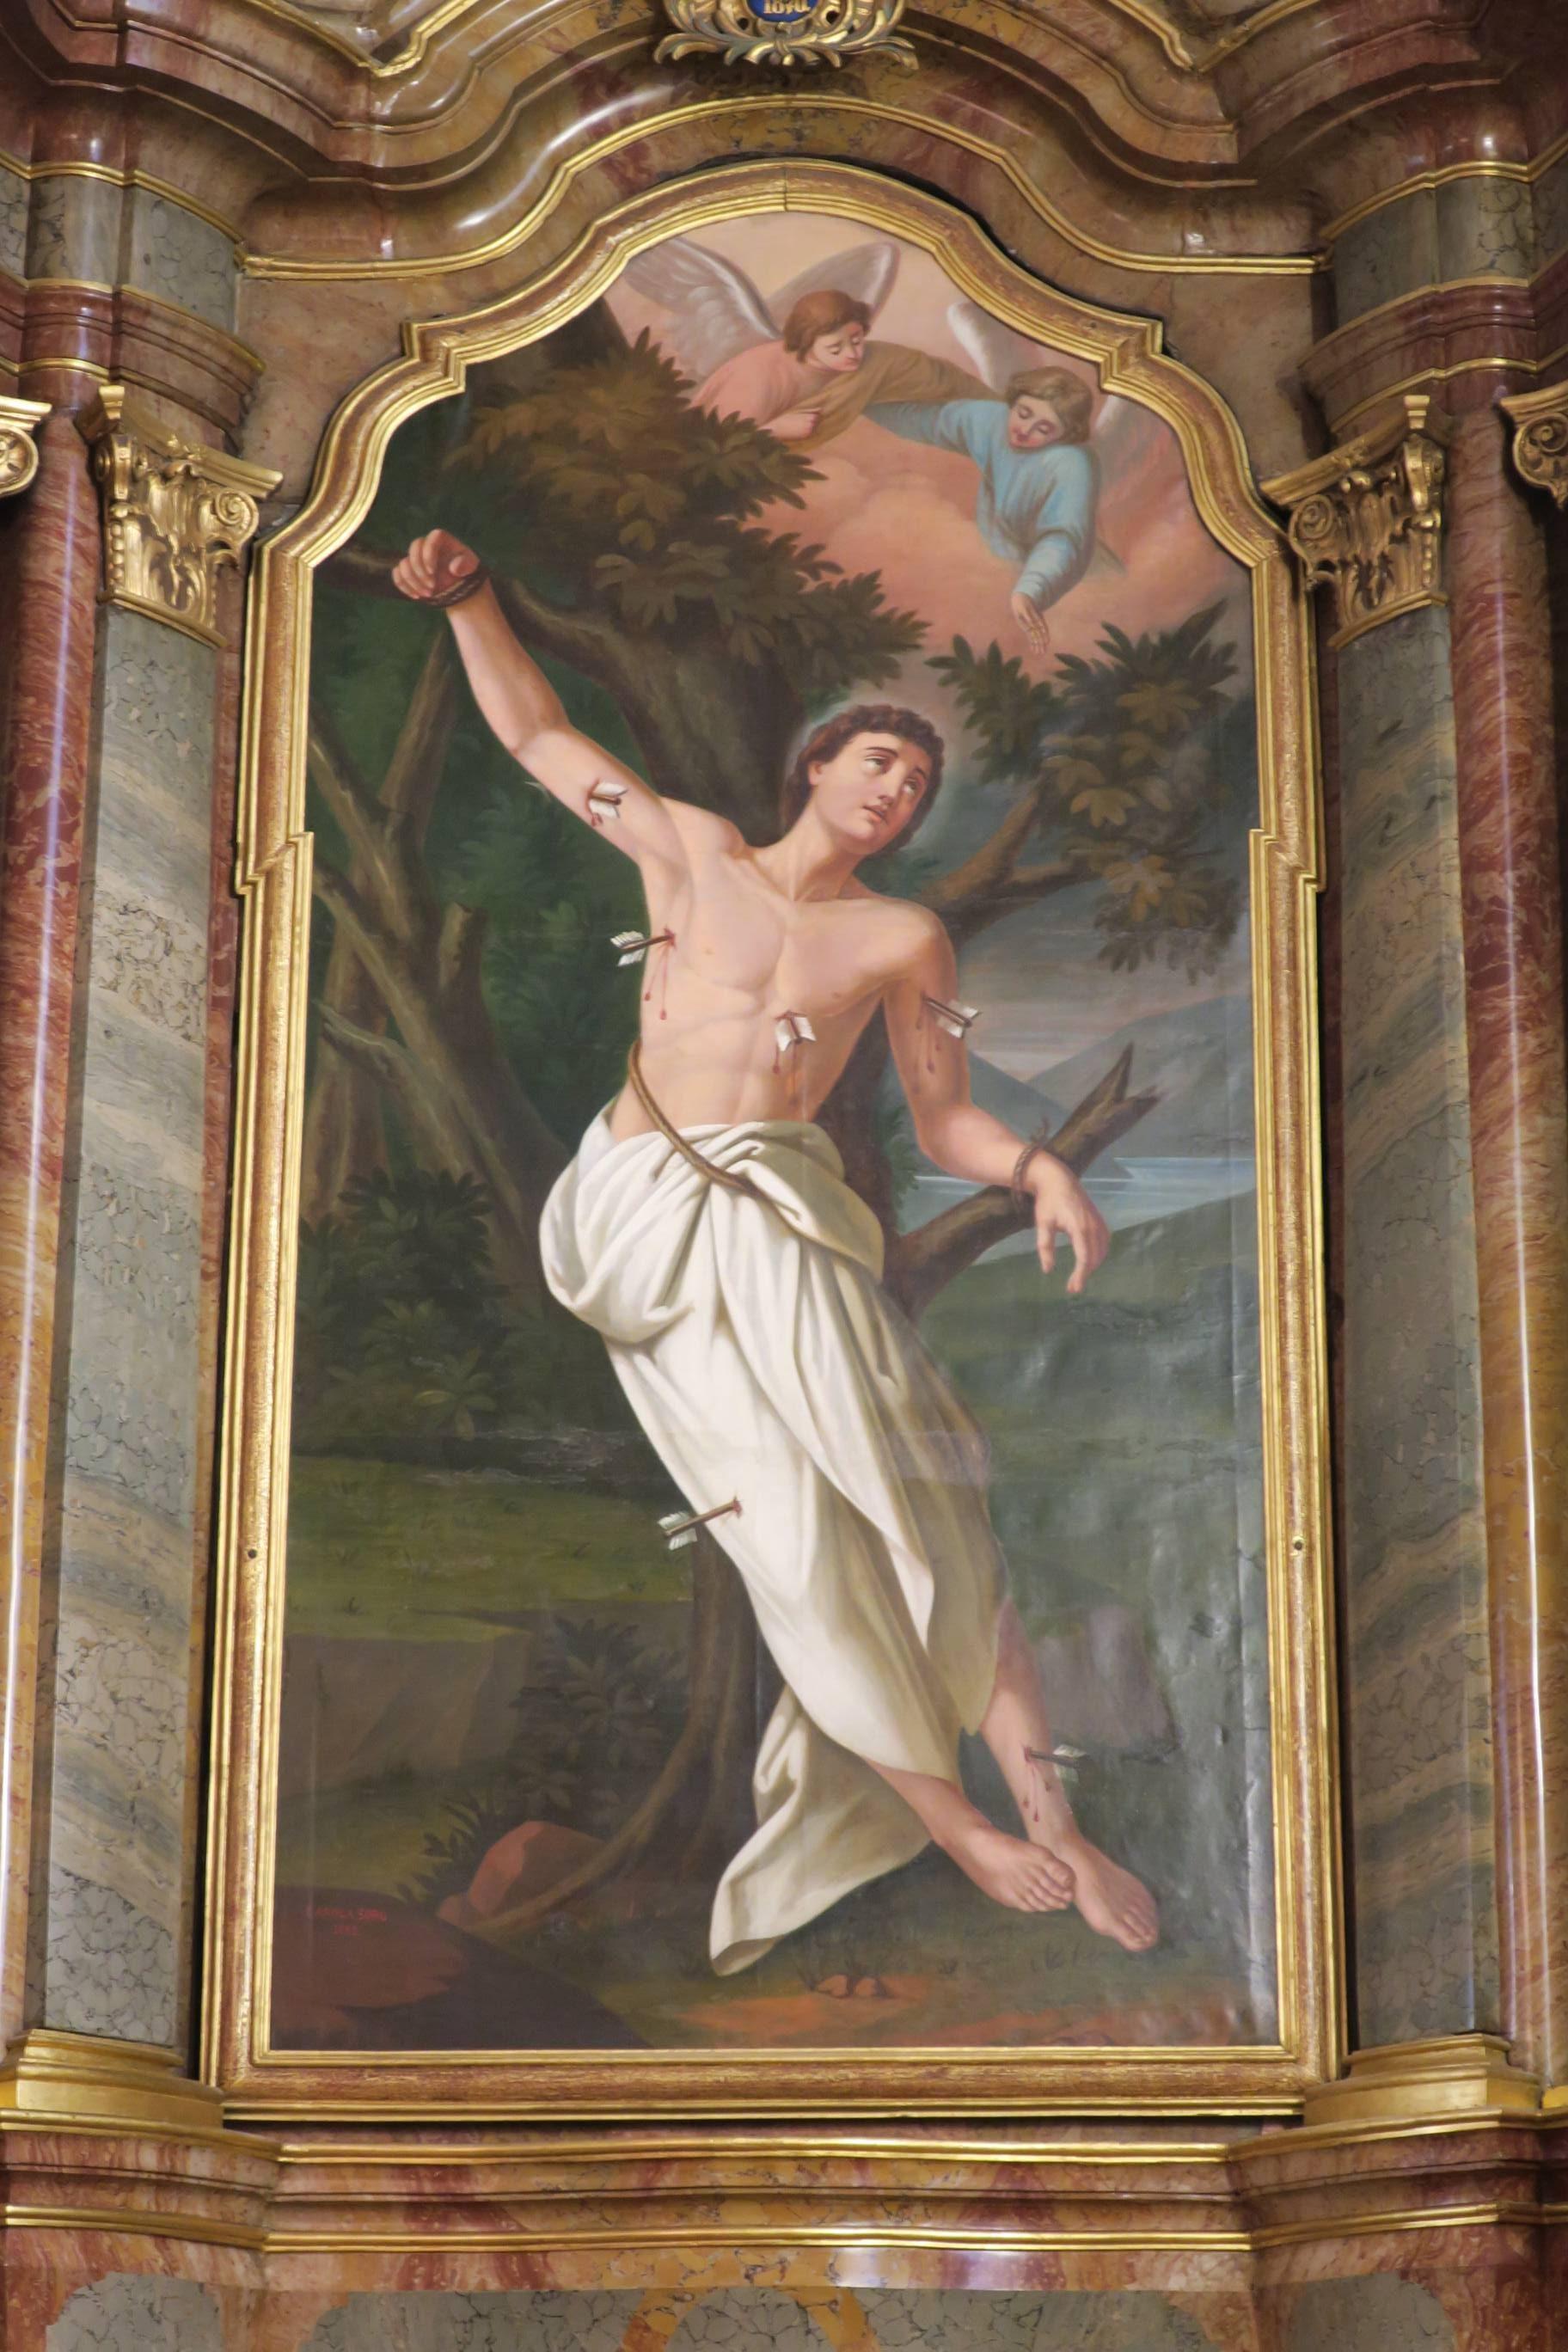 Le tableau de l'autel latéral droit est une oeuvre de Caroline Sorg, dite Carola Sorg, datée de 1883 et représentant le martyre de Saint Sébastien.